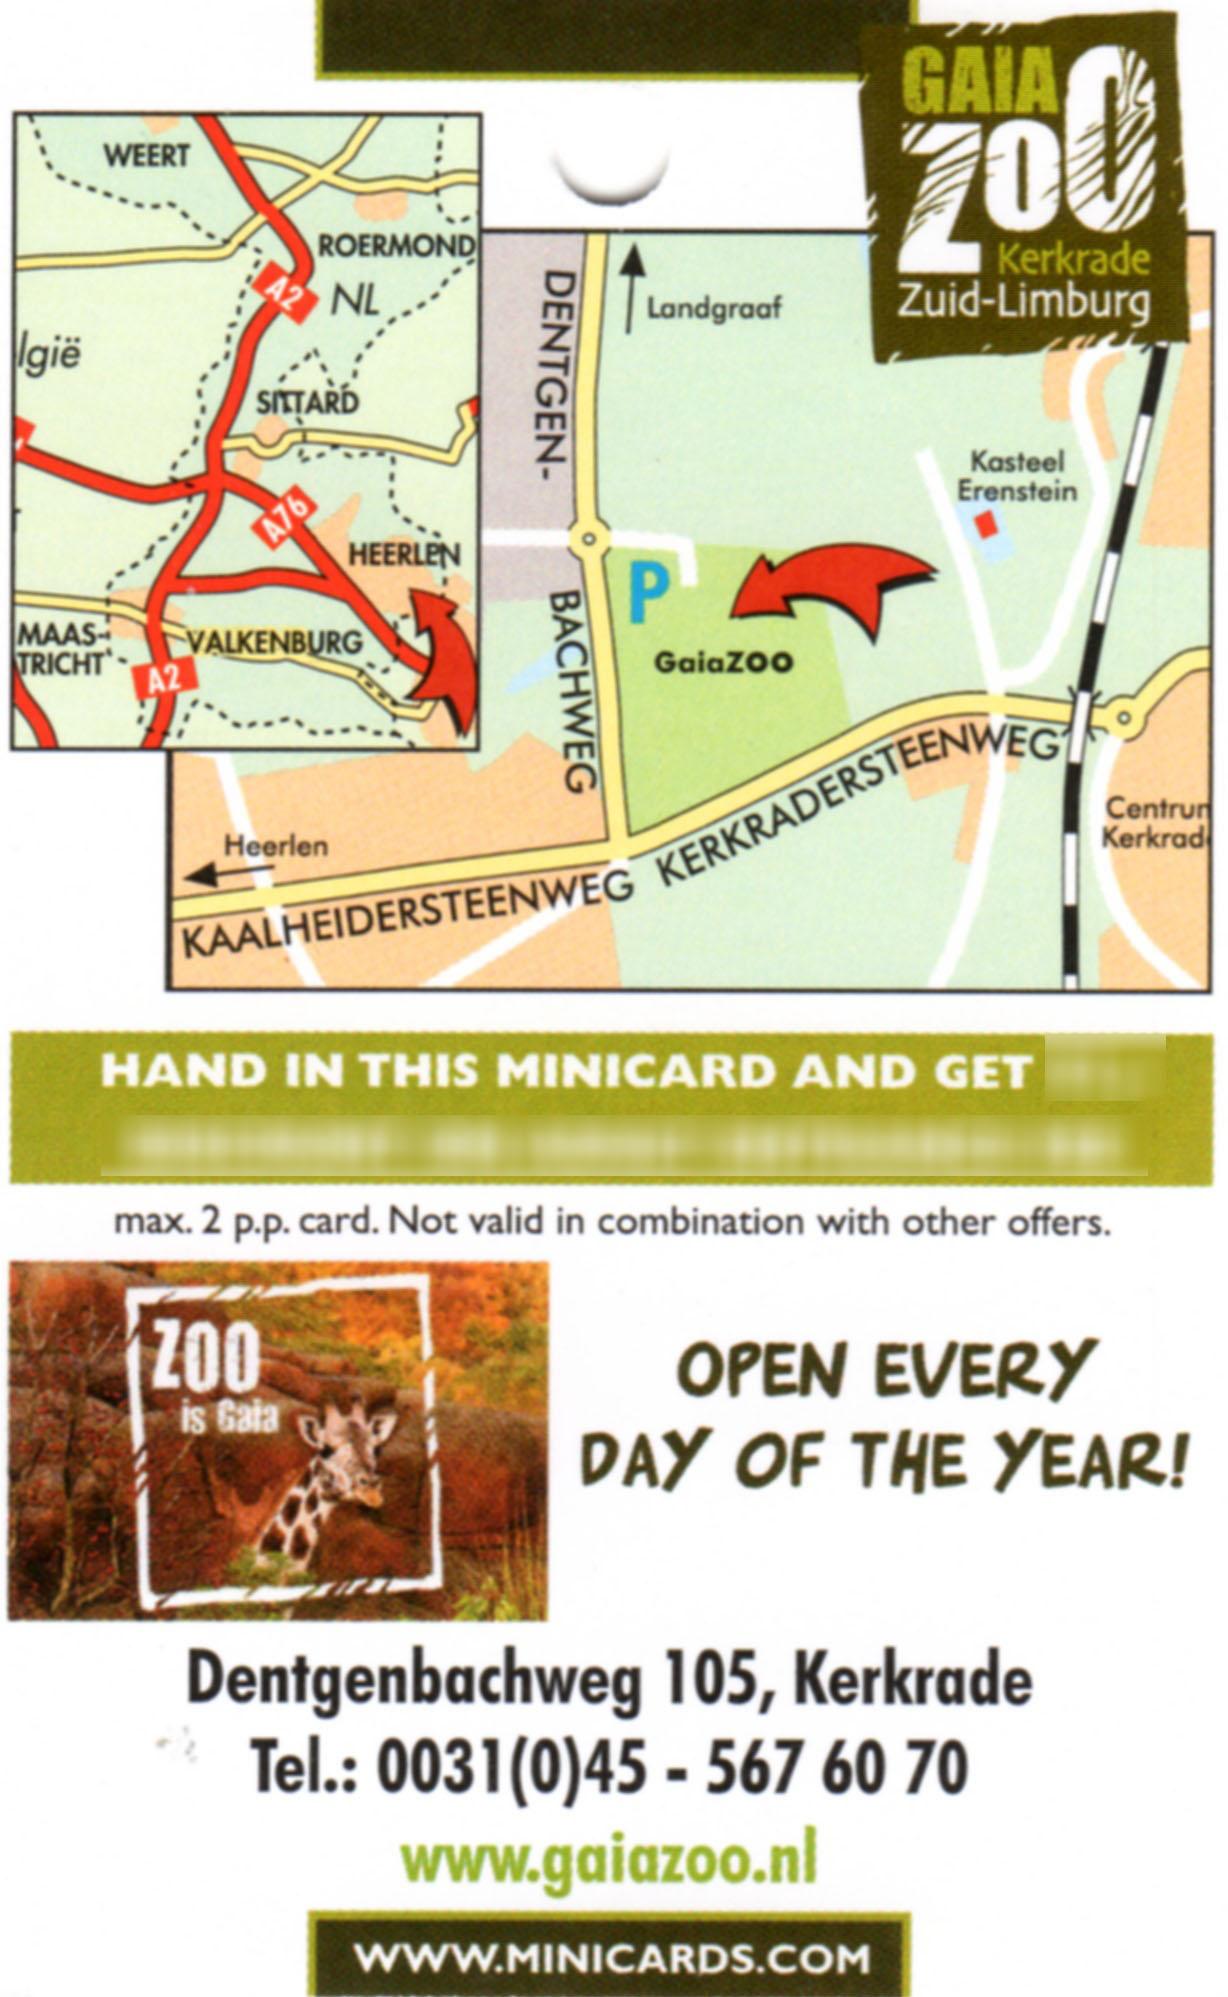 Gaia Zoo info